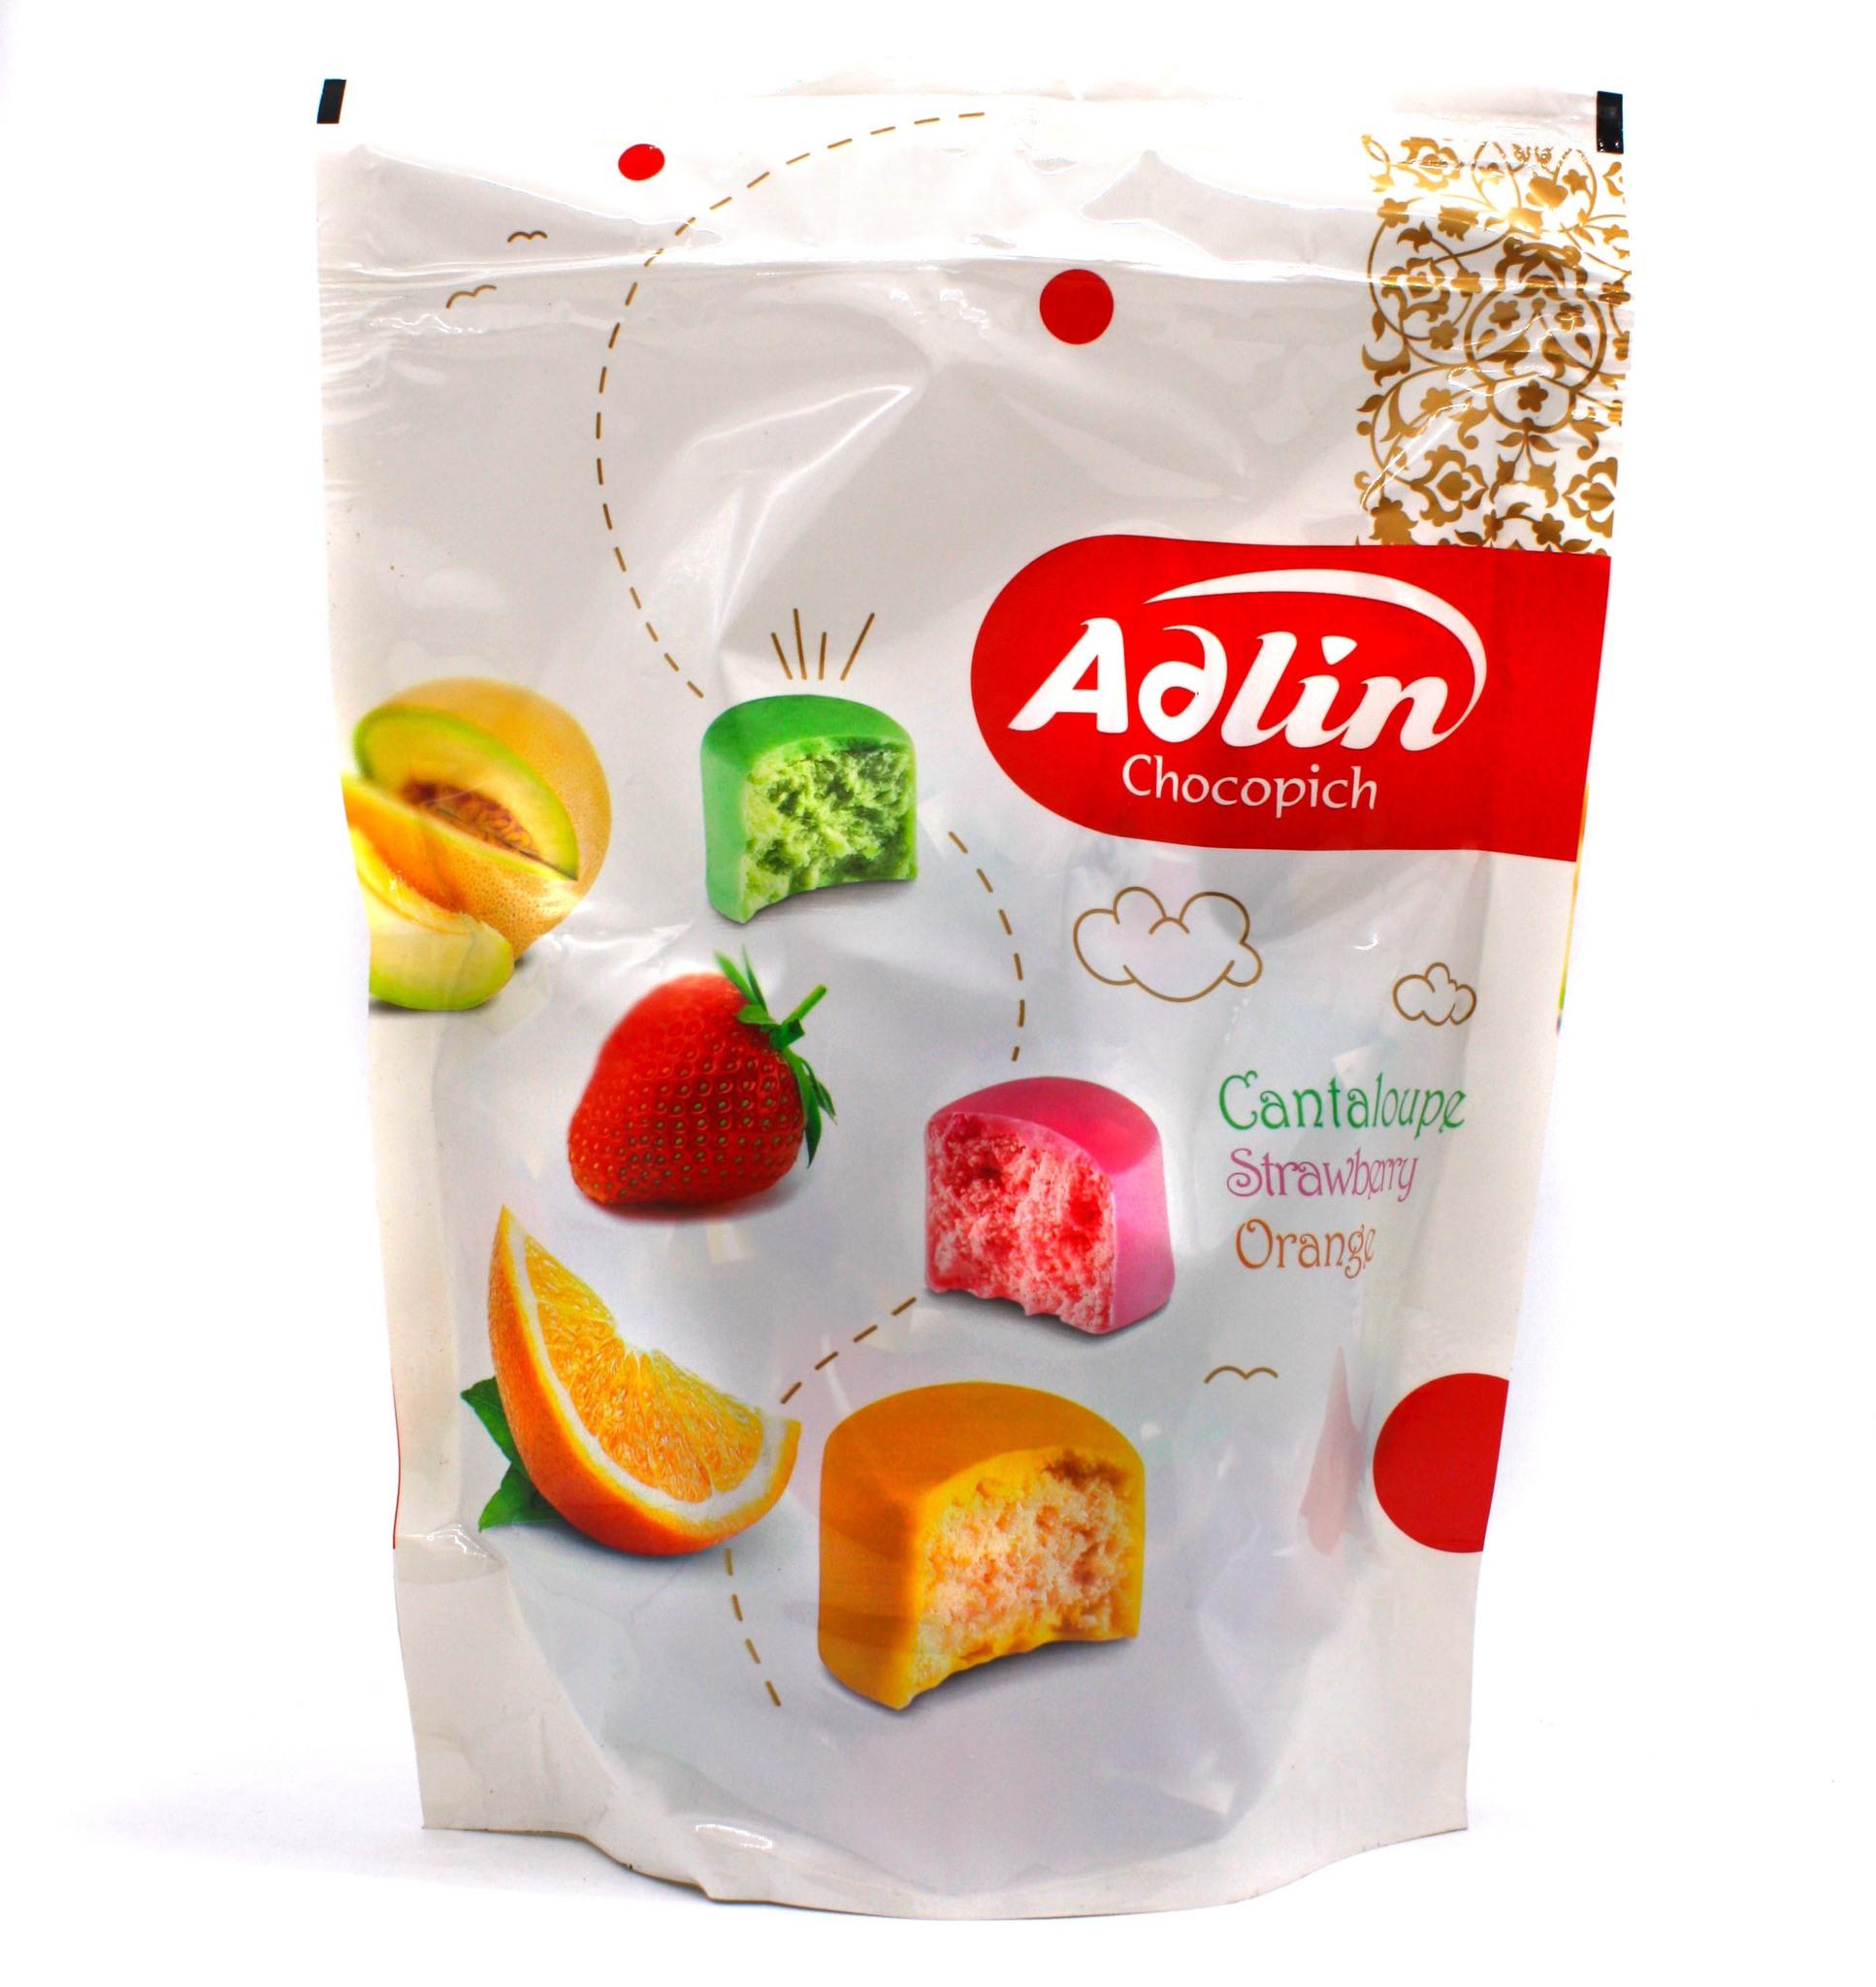 Adlin Пишмание со вкусом дыни, клубники и апельсина, Adlin, 350 г import_files_aa_aa4fcf42c3da11e9a9b3484d7ecee297_aa4fcf43c3da11e9a9b3484d7ecee297.jpg